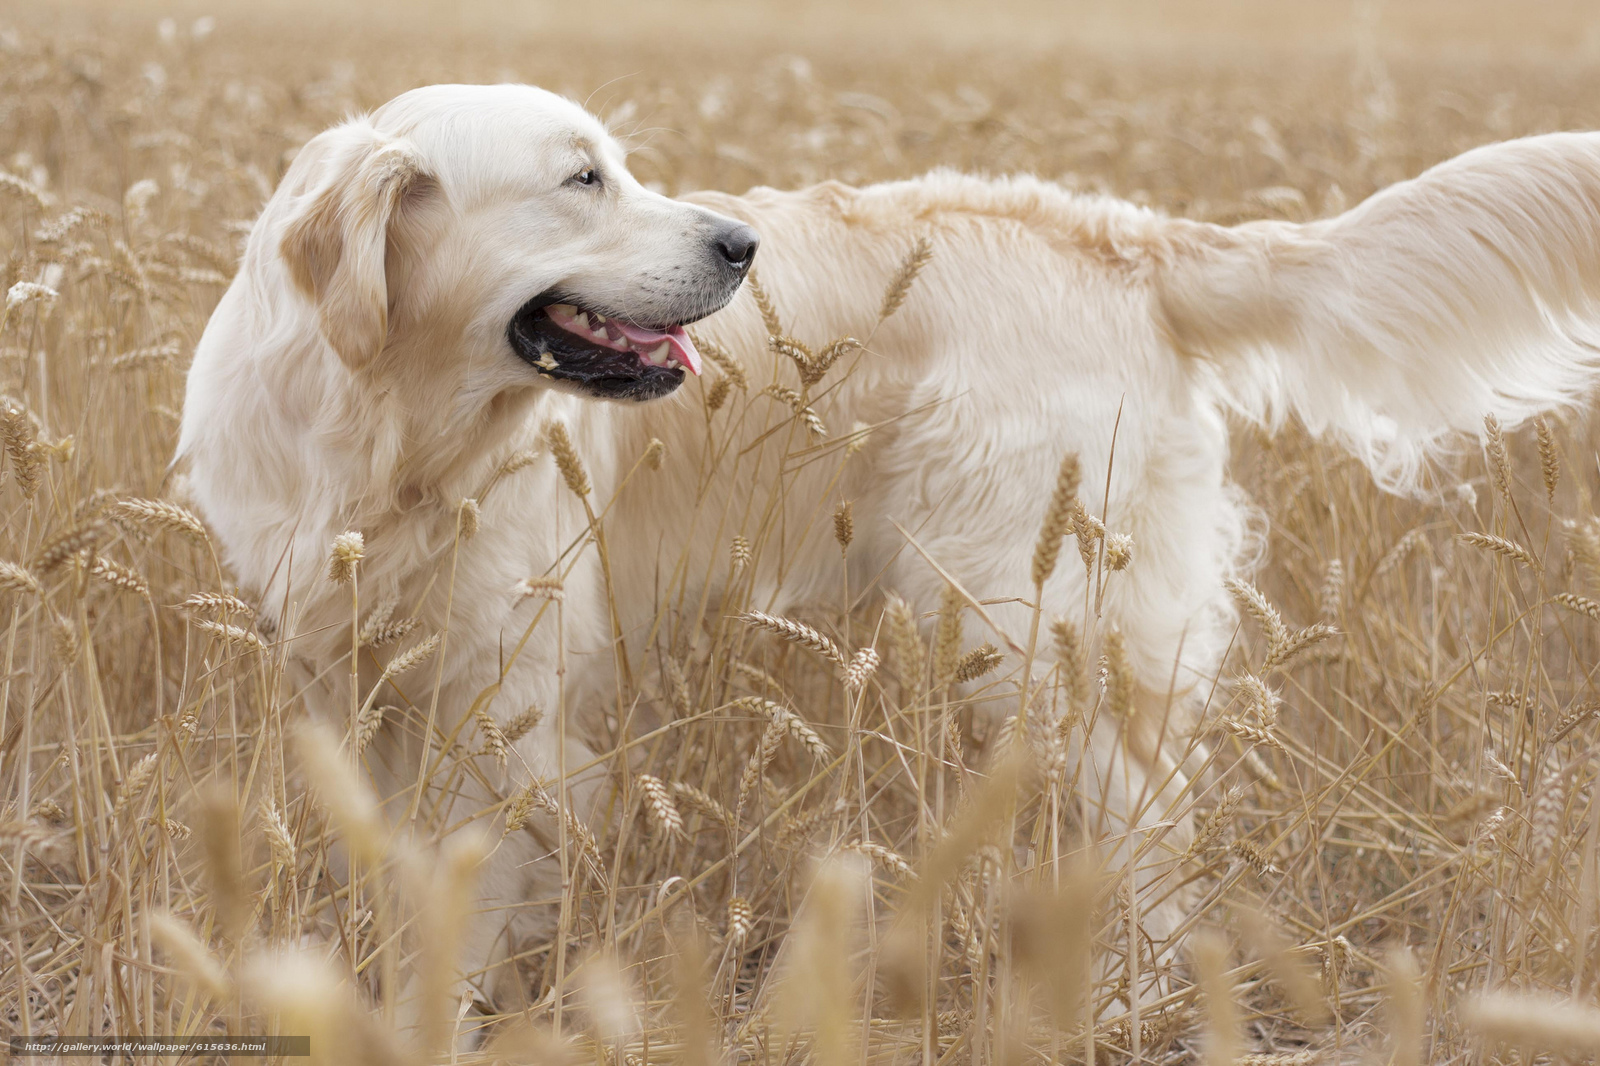 Tlcharger fond d 39 ecran golden retriever golden retriever chien domaine fonds d 39 ecran gratuits - Golden retriever gratuit ...